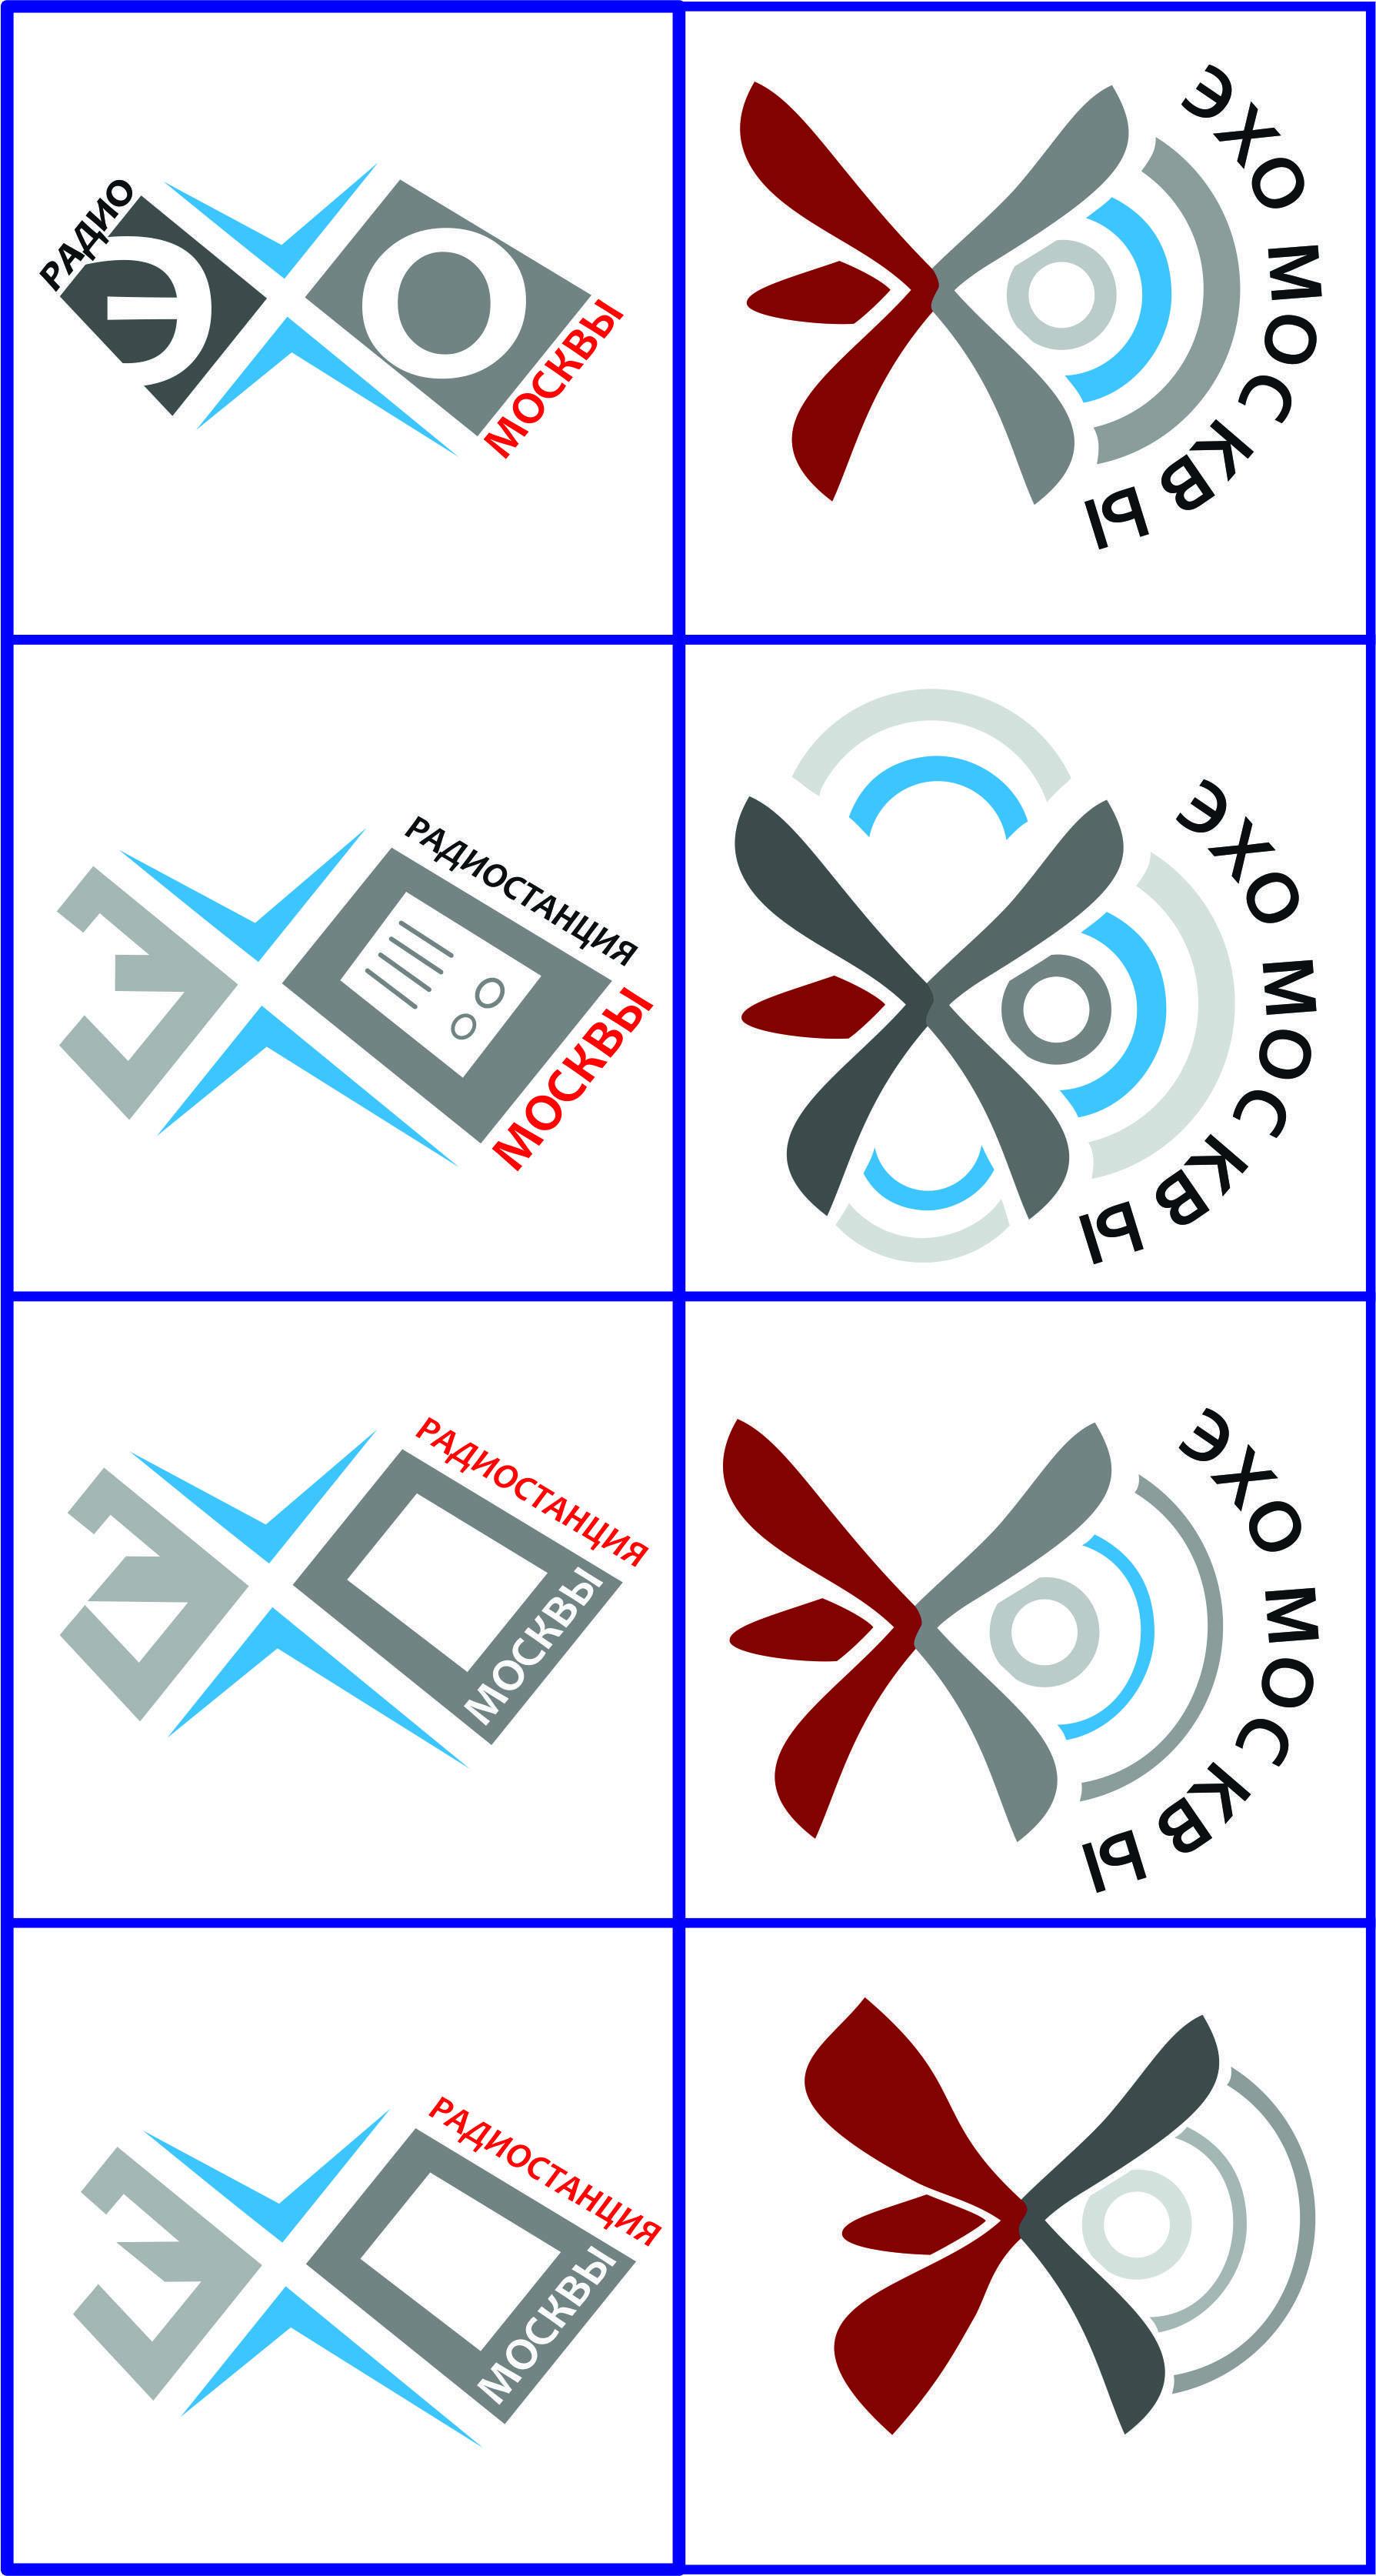 Дизайн логотипа р/с Эхо Москвы. фото f_0815623c9ae3e141.jpg